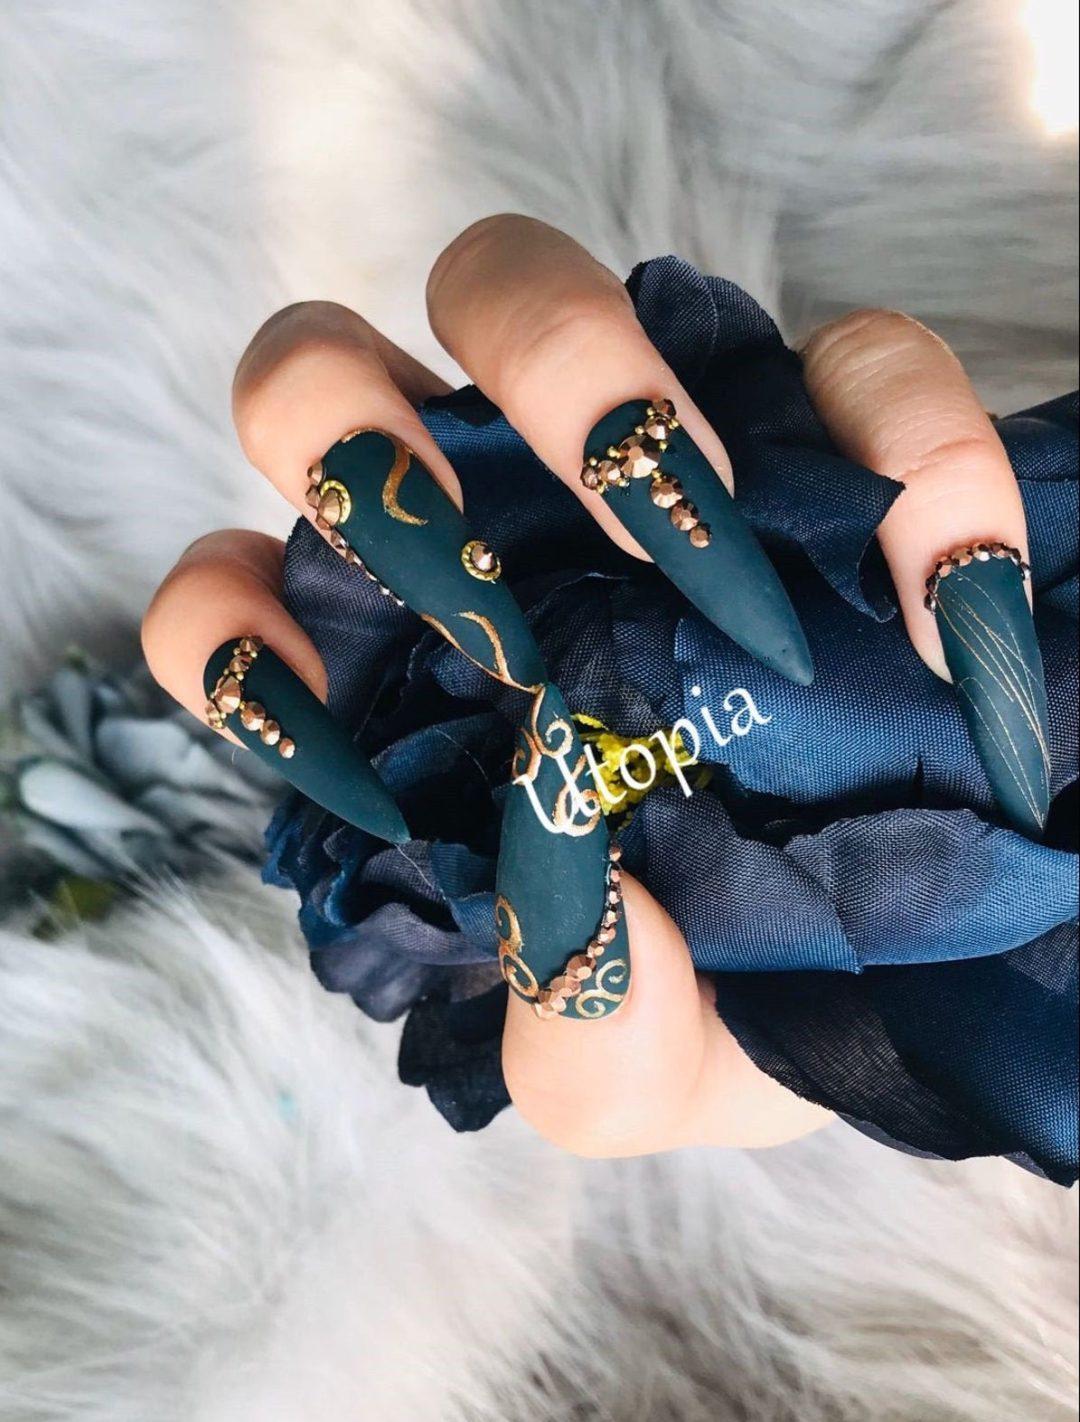 Matte dark blue nails with gold rhinestones